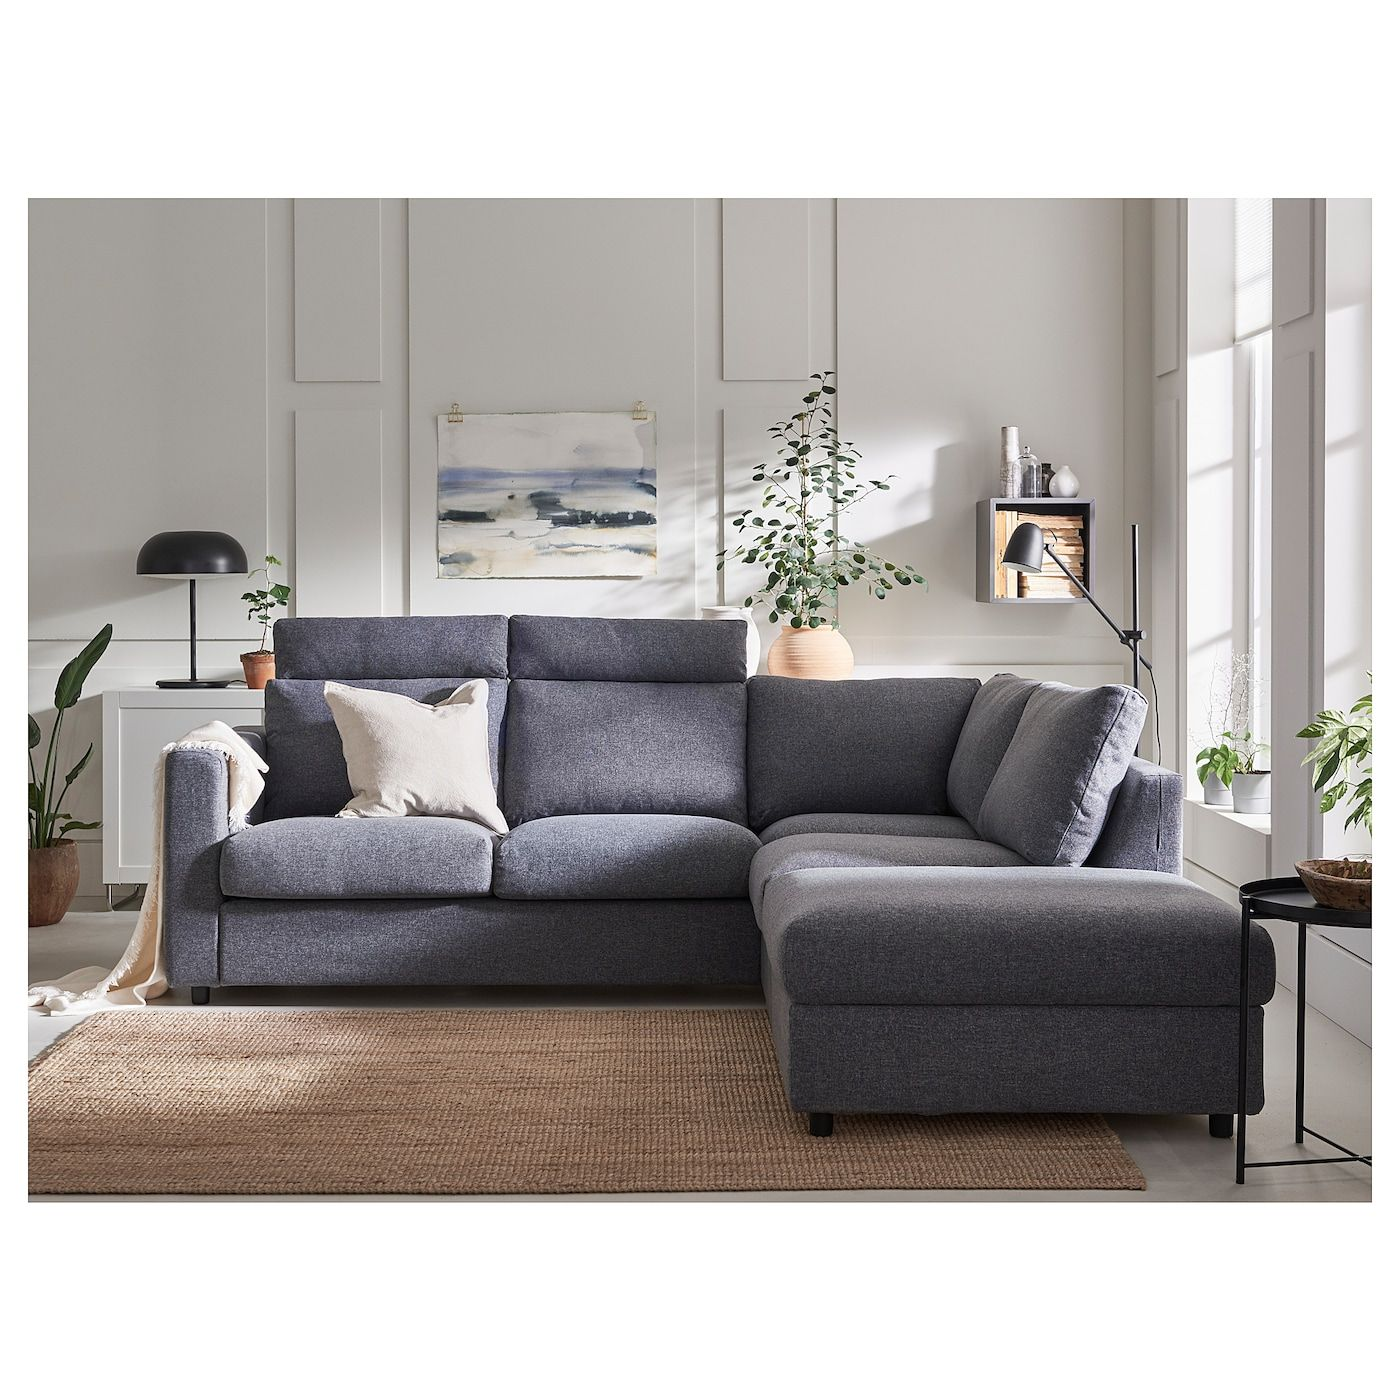 Kleine Ecksofas Mit Schlaffunktion 2er Ecksofa Beste Kleine Couch Mit Schlaffunktion Beste Couch Kleineecksofas In 2020 Ikea Living Room Ikea Sofa Green Sofa Living